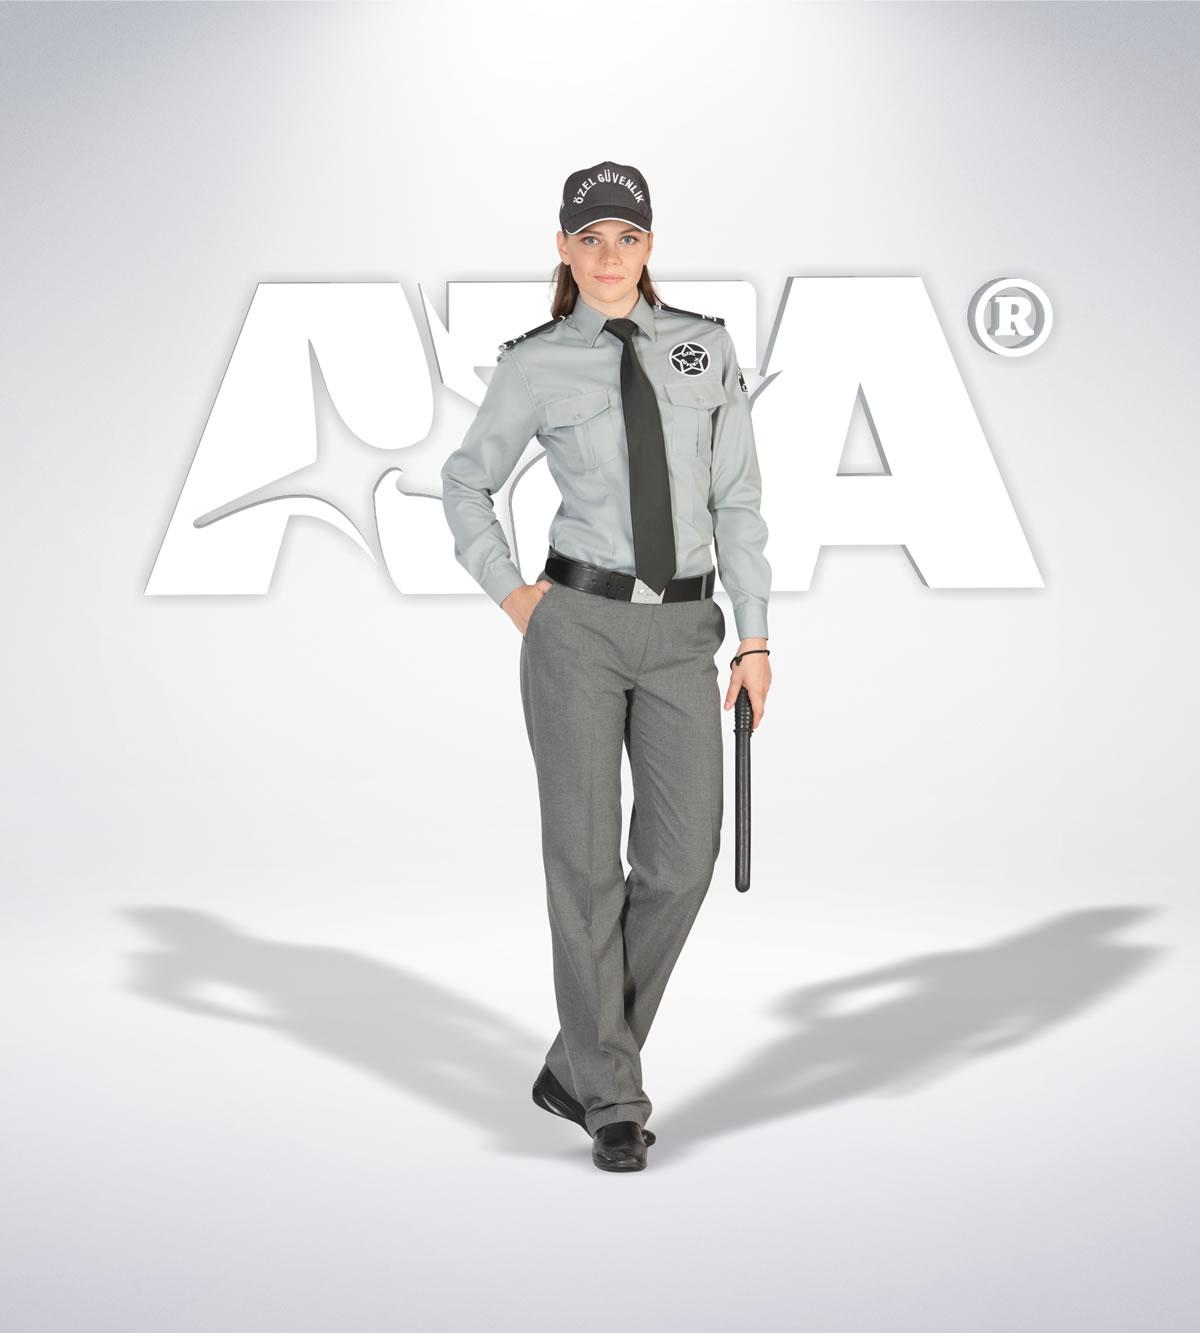 ATA 142 - Pantolon kışlık - gömlek yazlık-kışlık - aksesuar - güvenlik elbiseleri | güvenlik üniformaları | güvenlik kıyafetleri